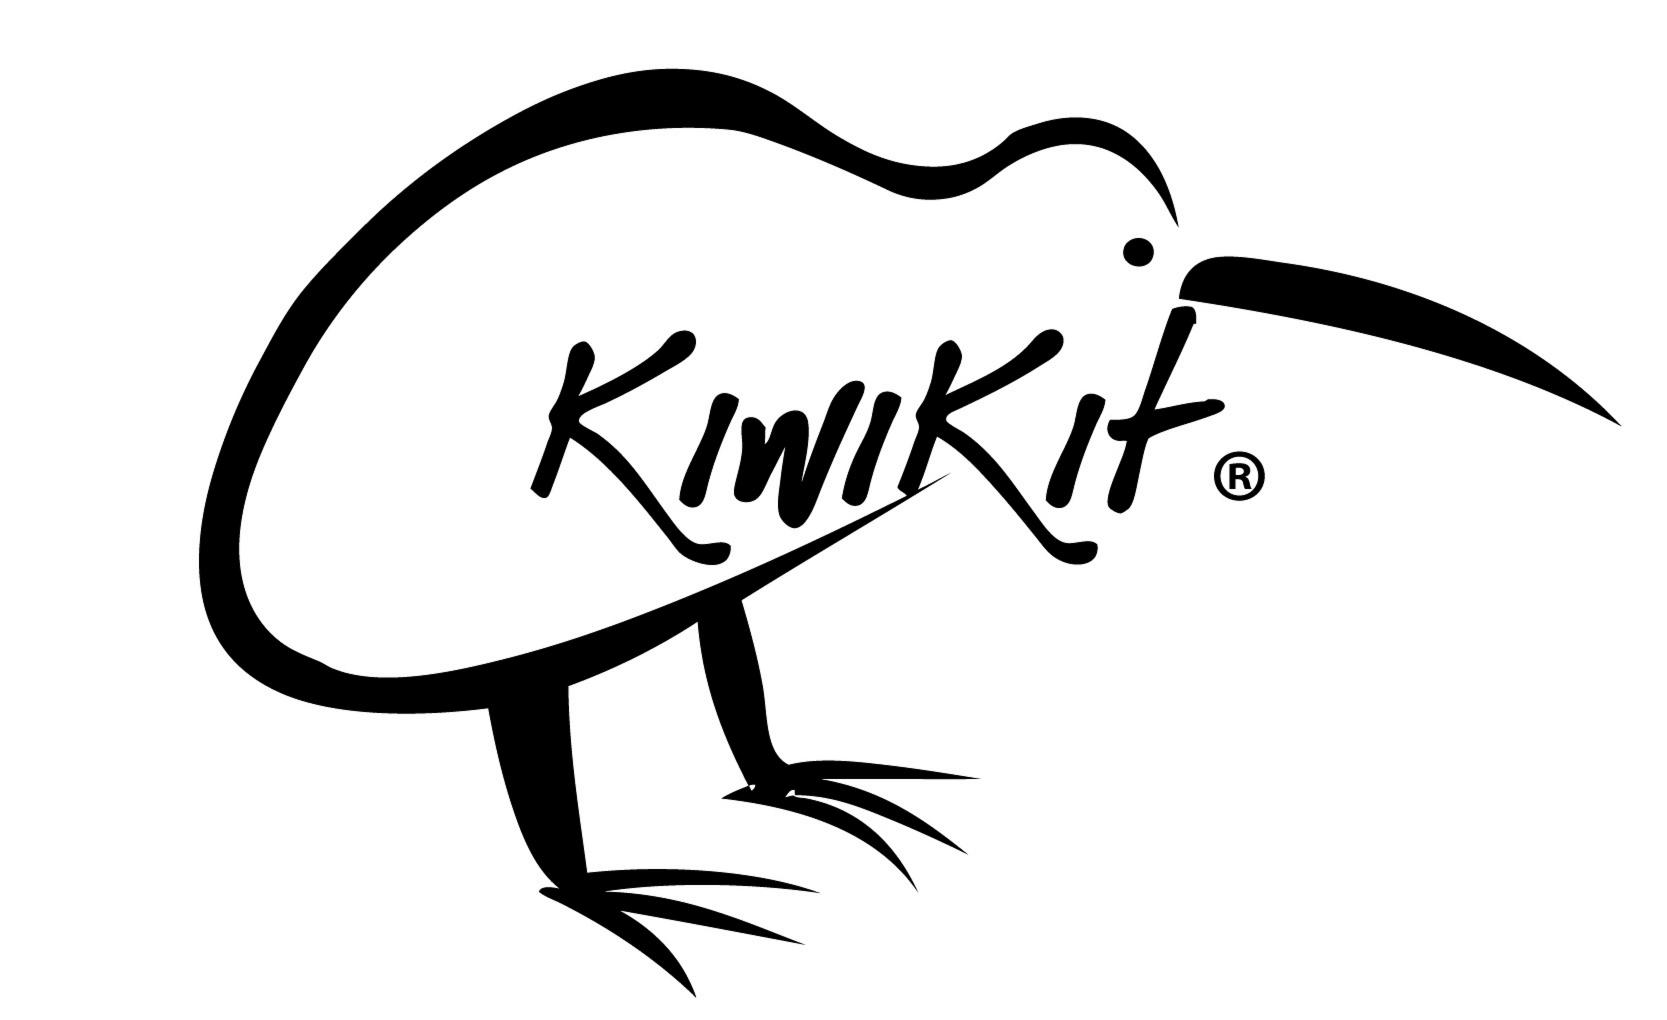 KiwiKit Ltd